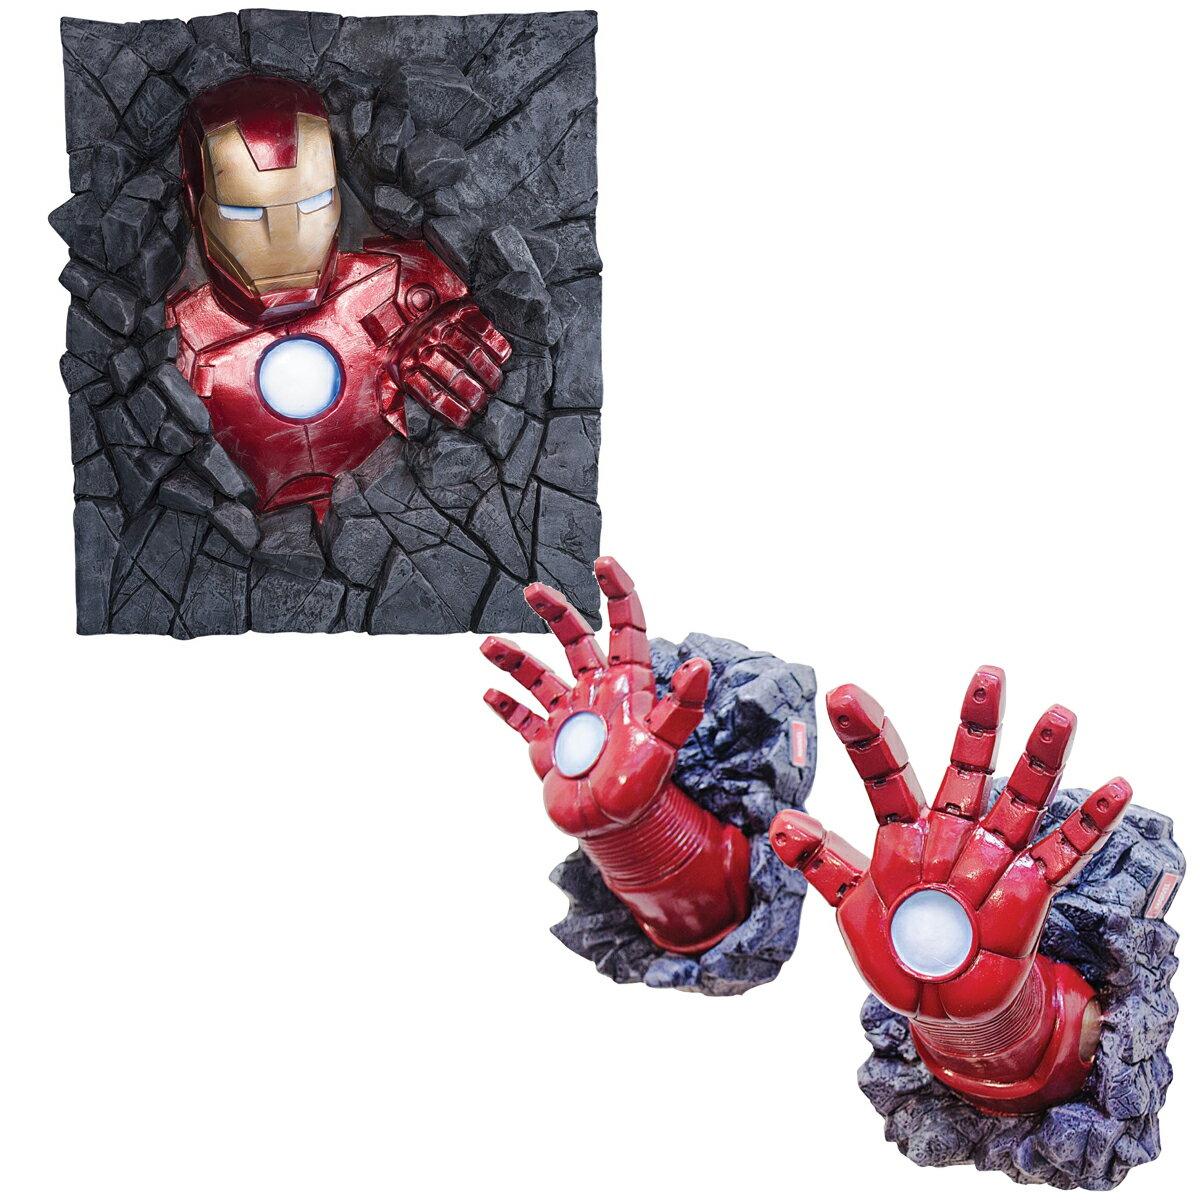 アイアンマングッズ立体3D壁飾り装飾ウォールデコレーションアベンジャーズキャラクターアメコミ海外コミ